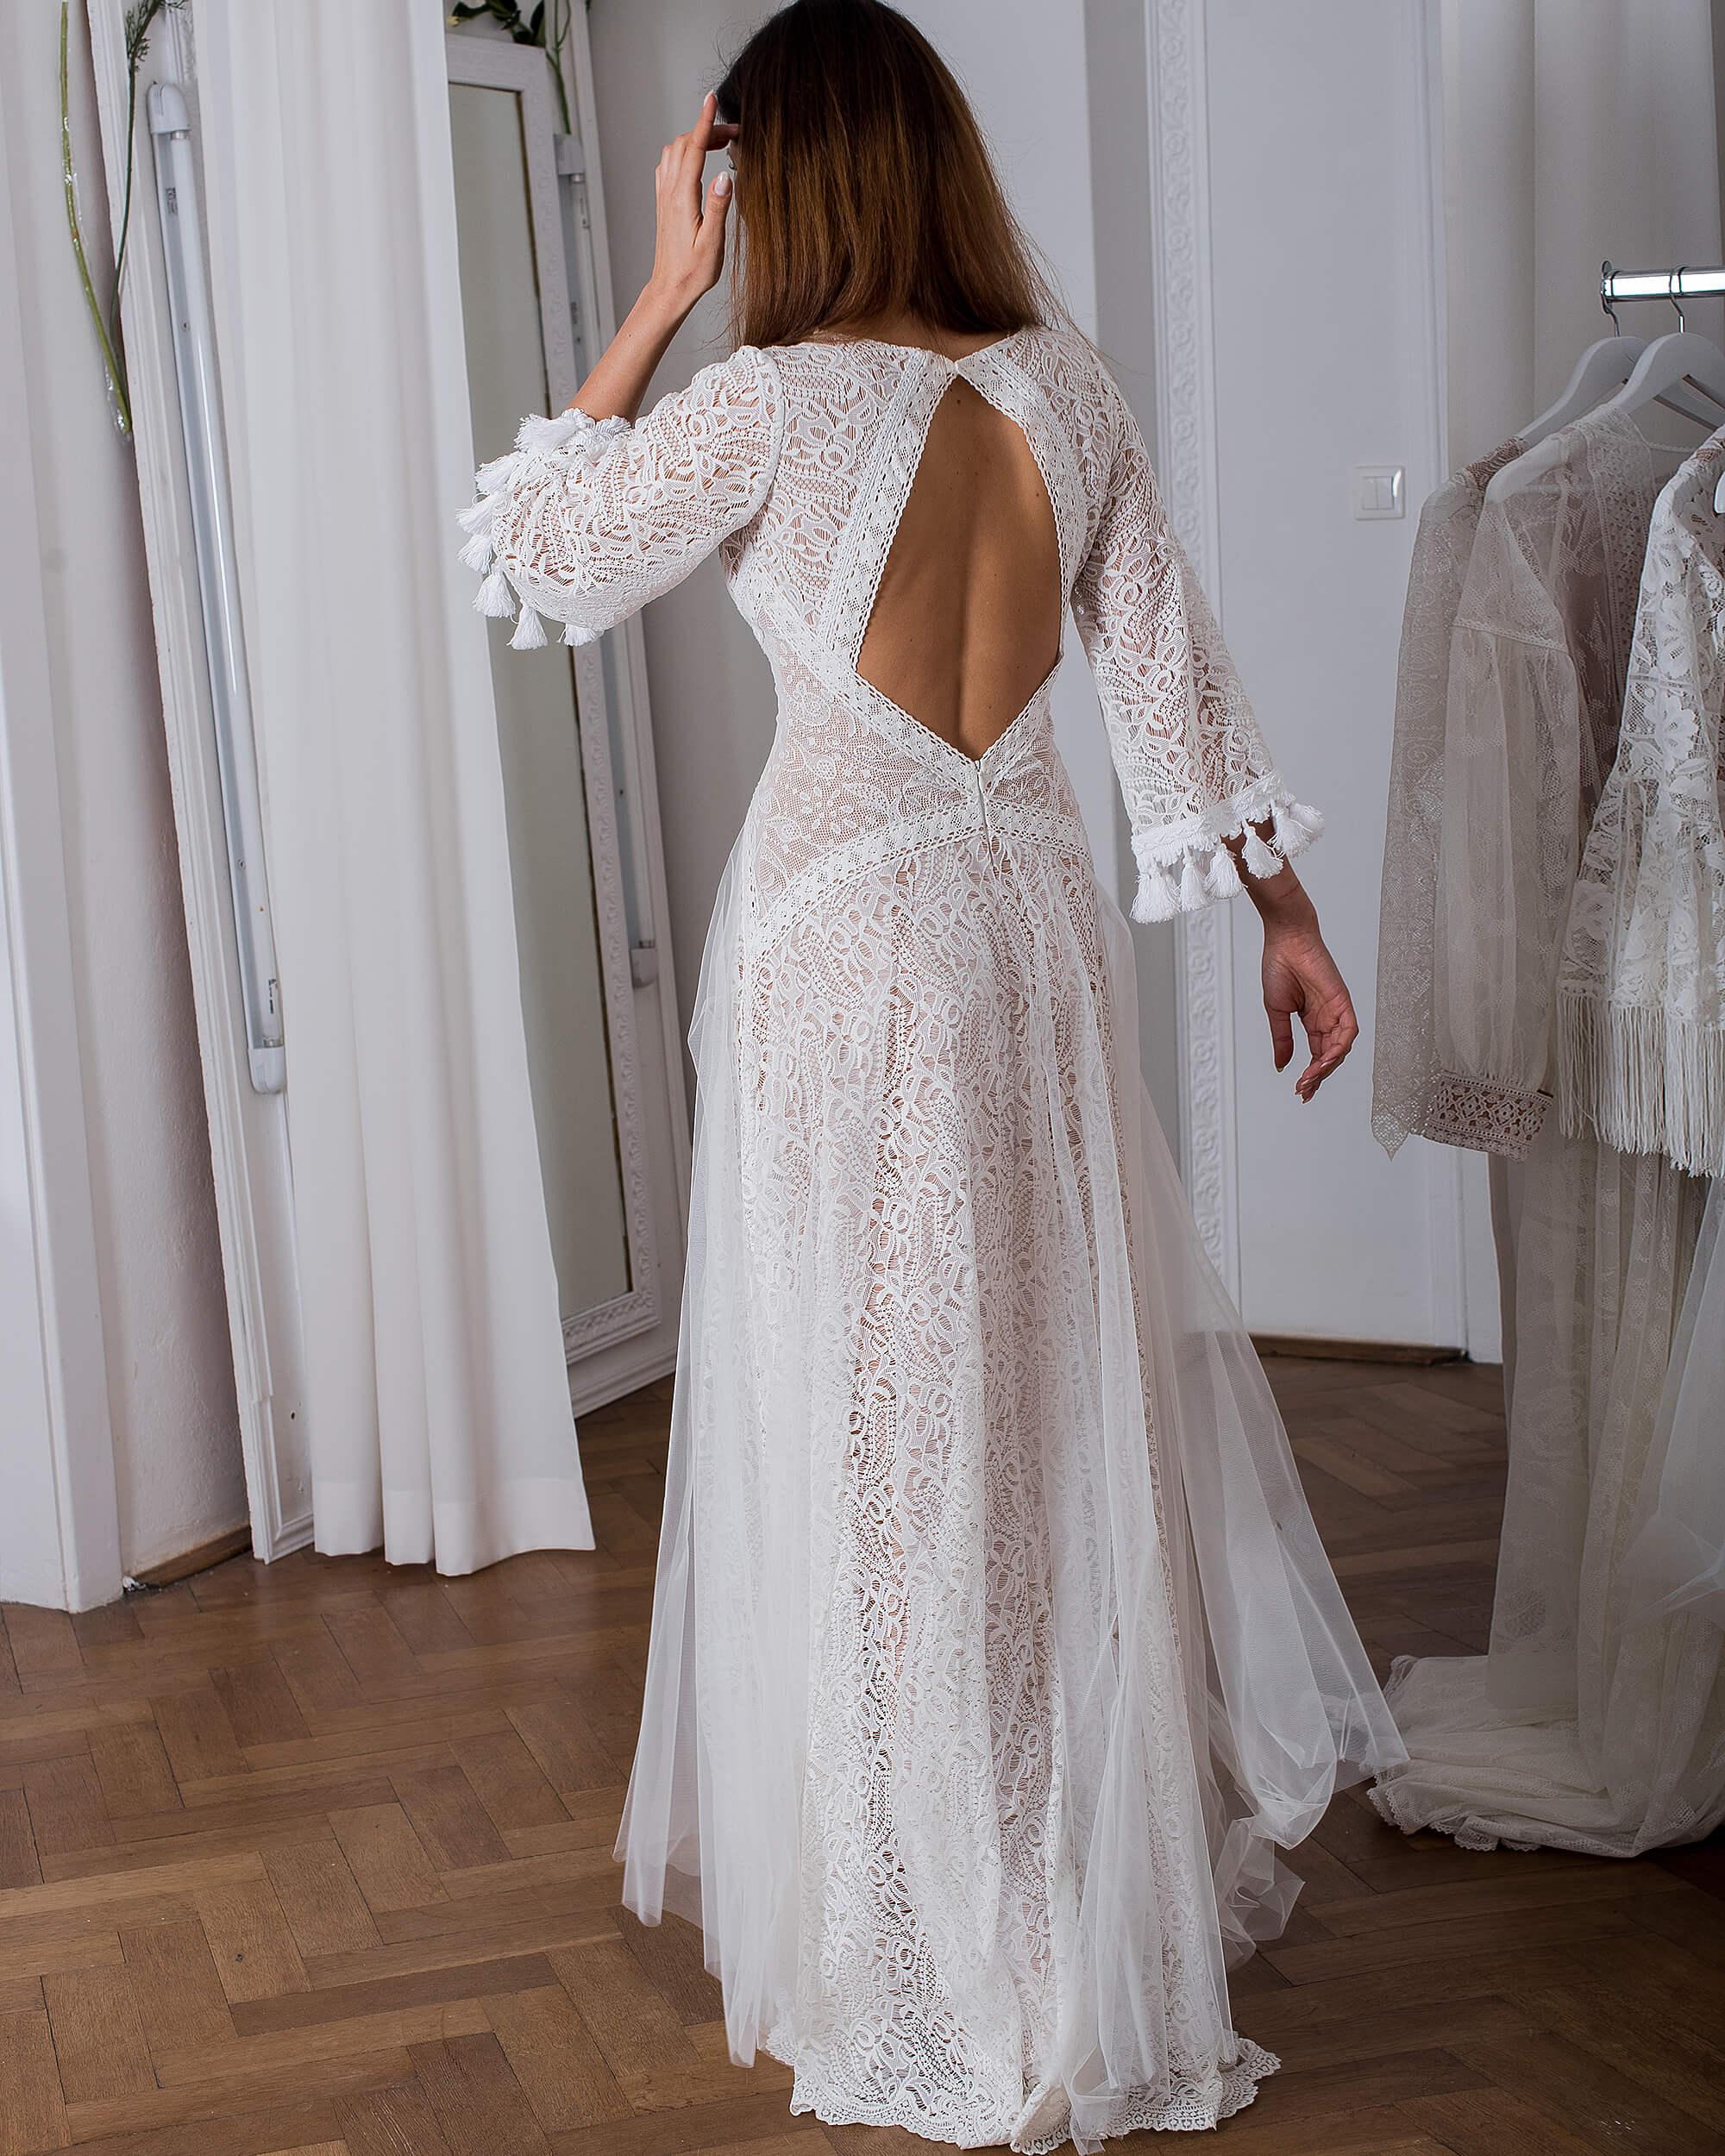 Nietypowa koronkowa suknia ślubna pięknie wykończona dodatkami